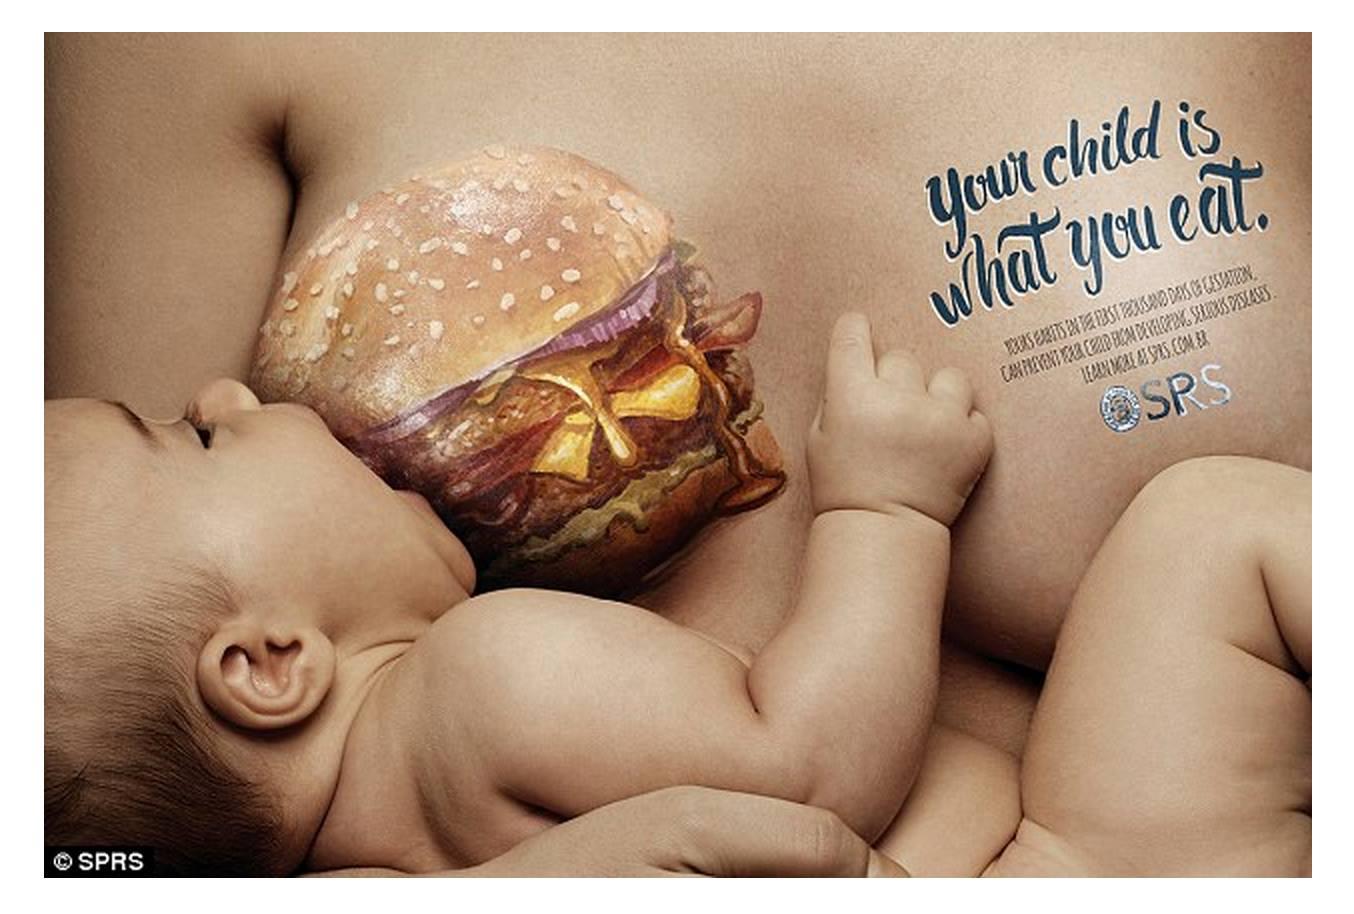 Cartaz mostra criança sendo 'amamentada' por hambúrguer (Foto: Reprodução/SPRS)